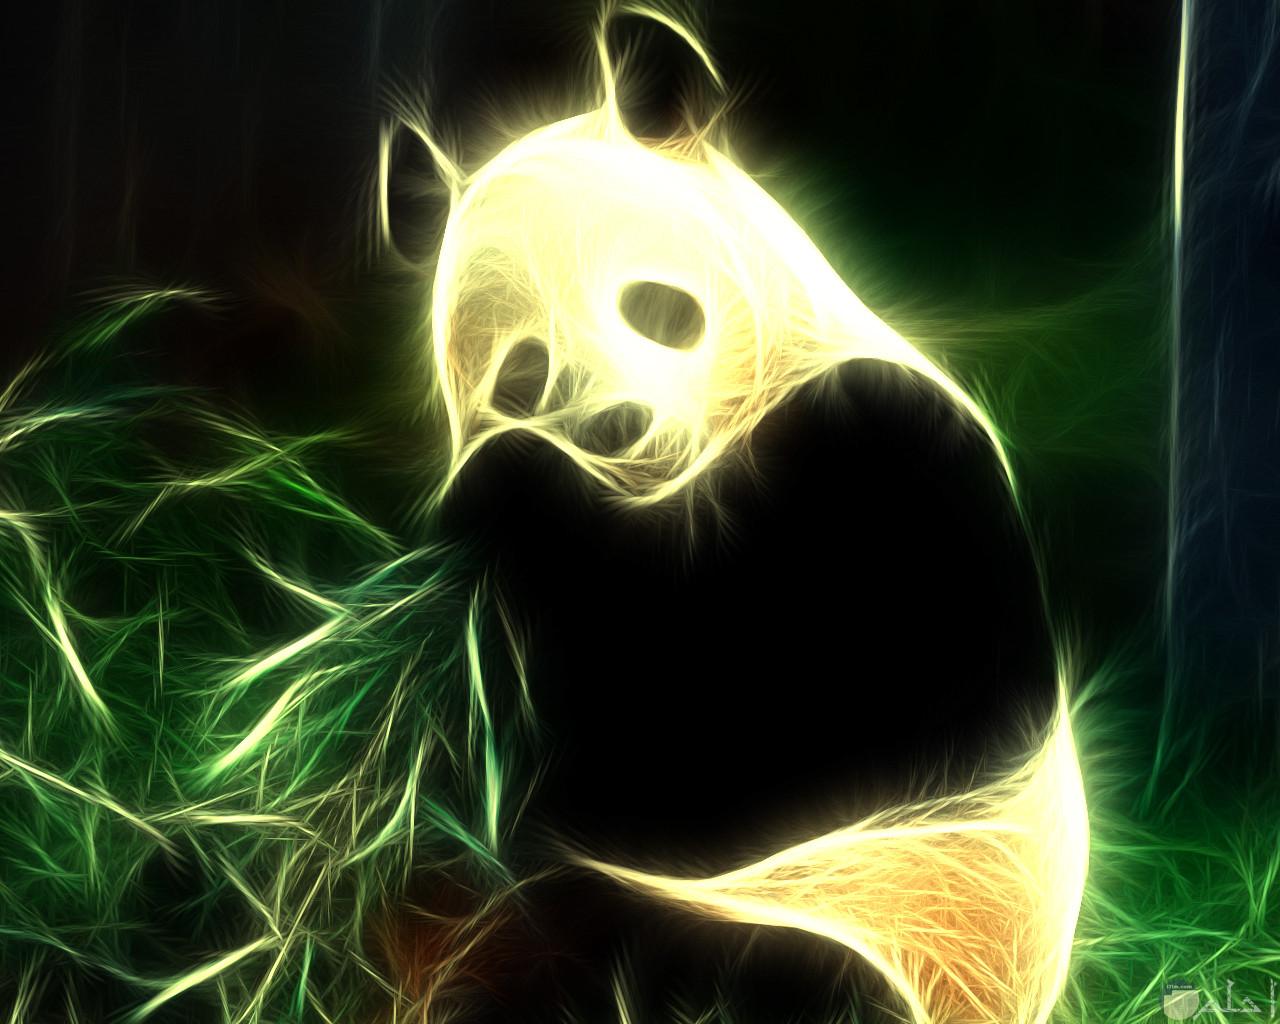 الباندا و عشق الهدوء.